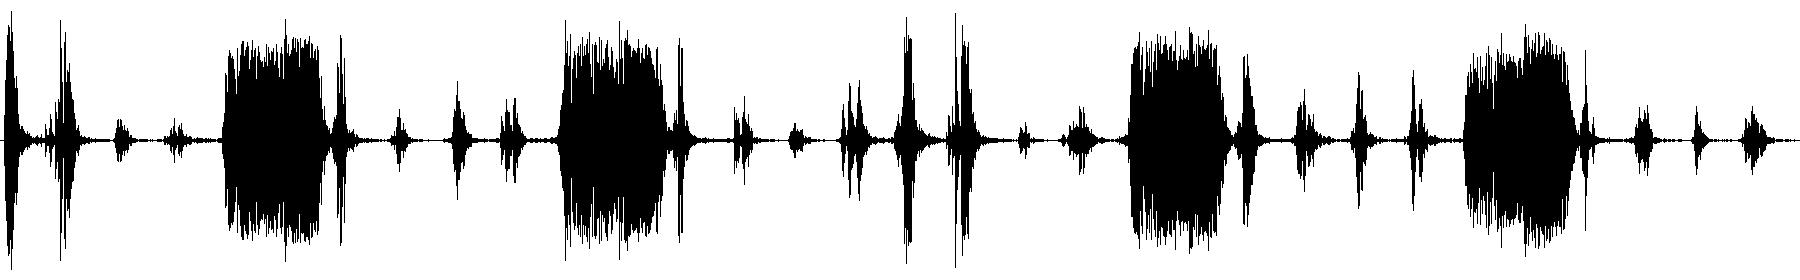 guitarfunk21 100